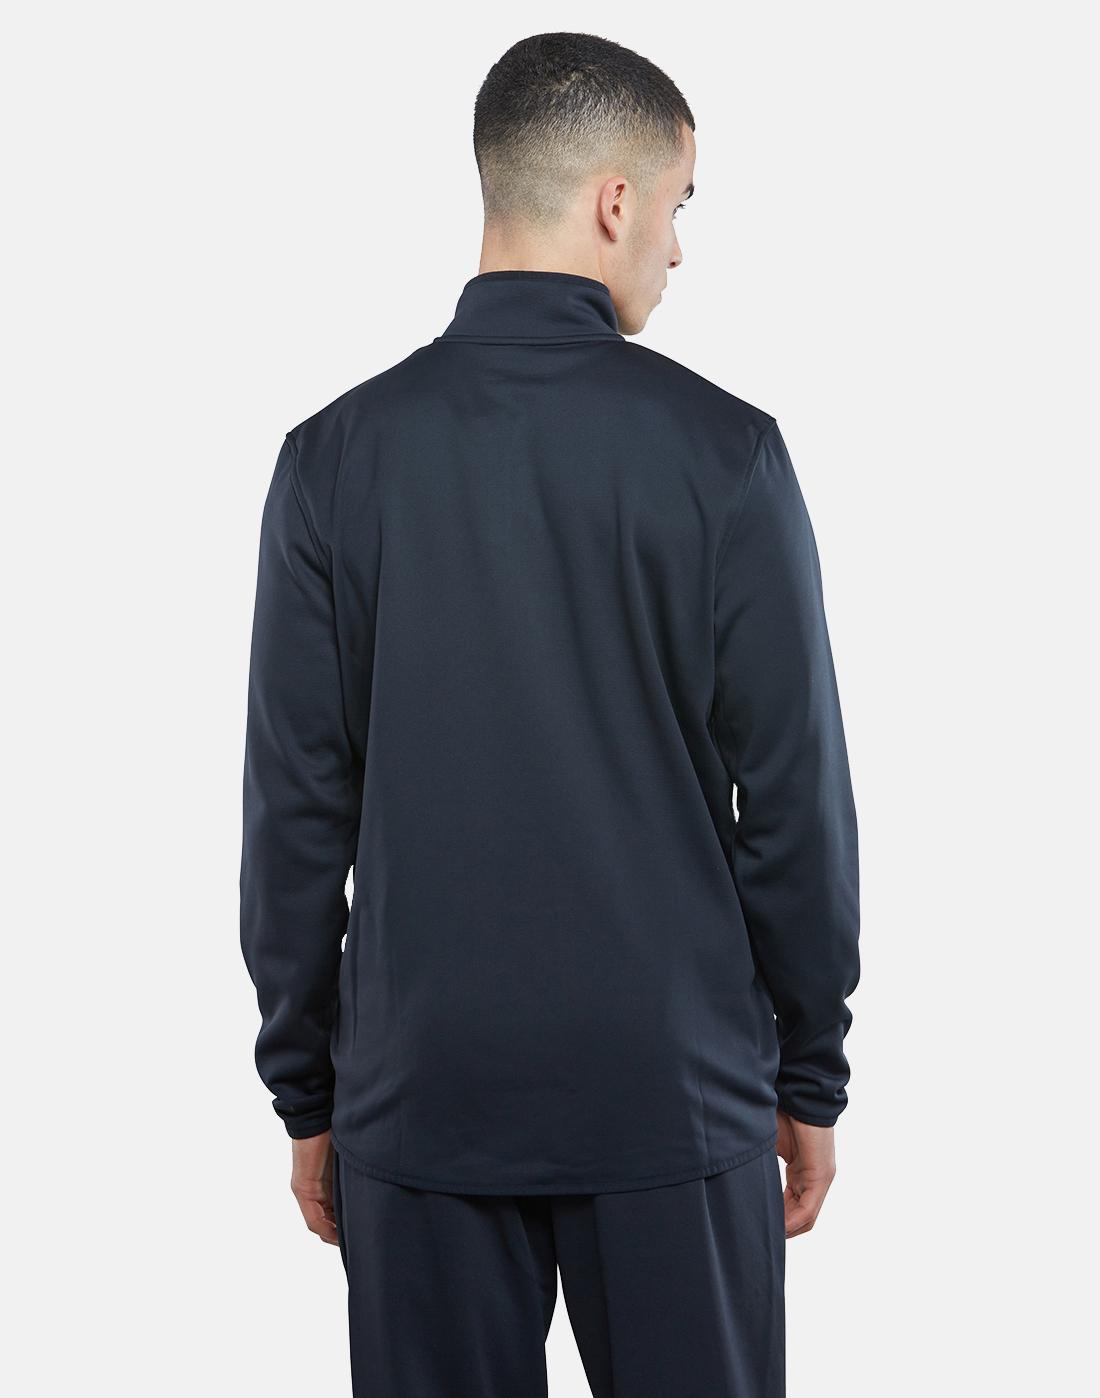 Waterproof 85 cm Maroon-Anthracite Highneck Fleece Lining * 1200 D outdoordecke